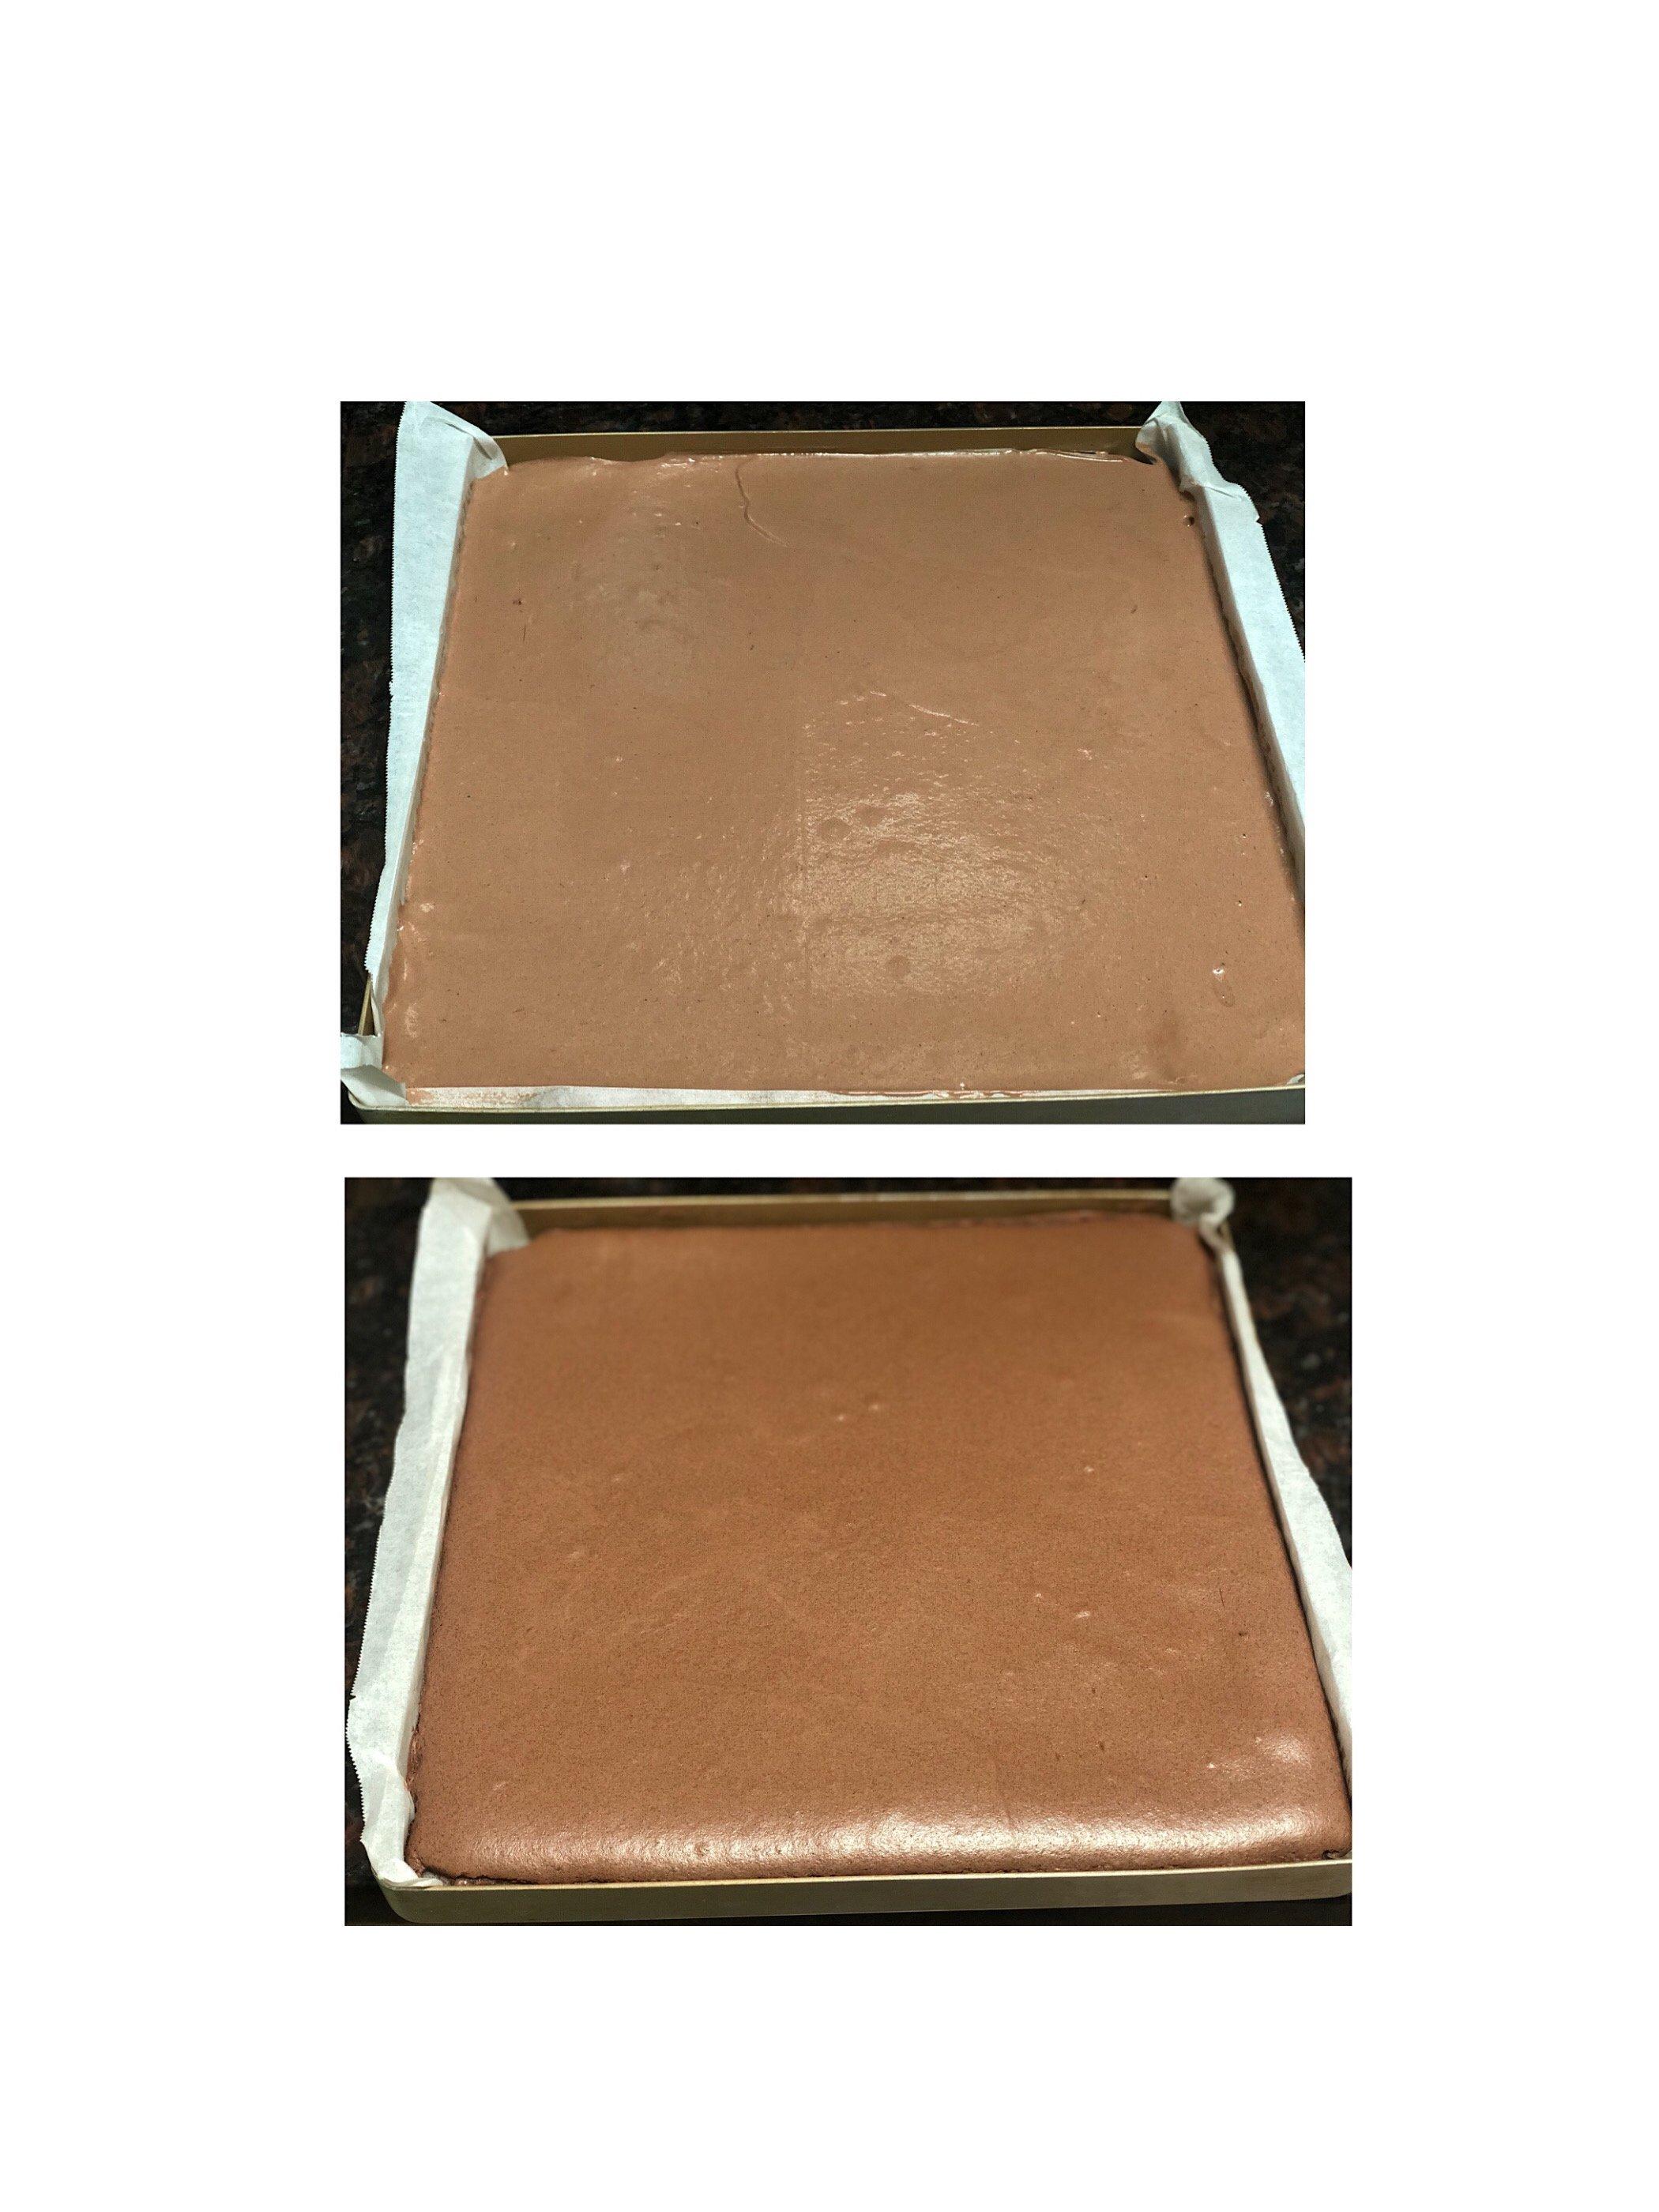 香浓巧克力蛋糕卷的做法 步骤5